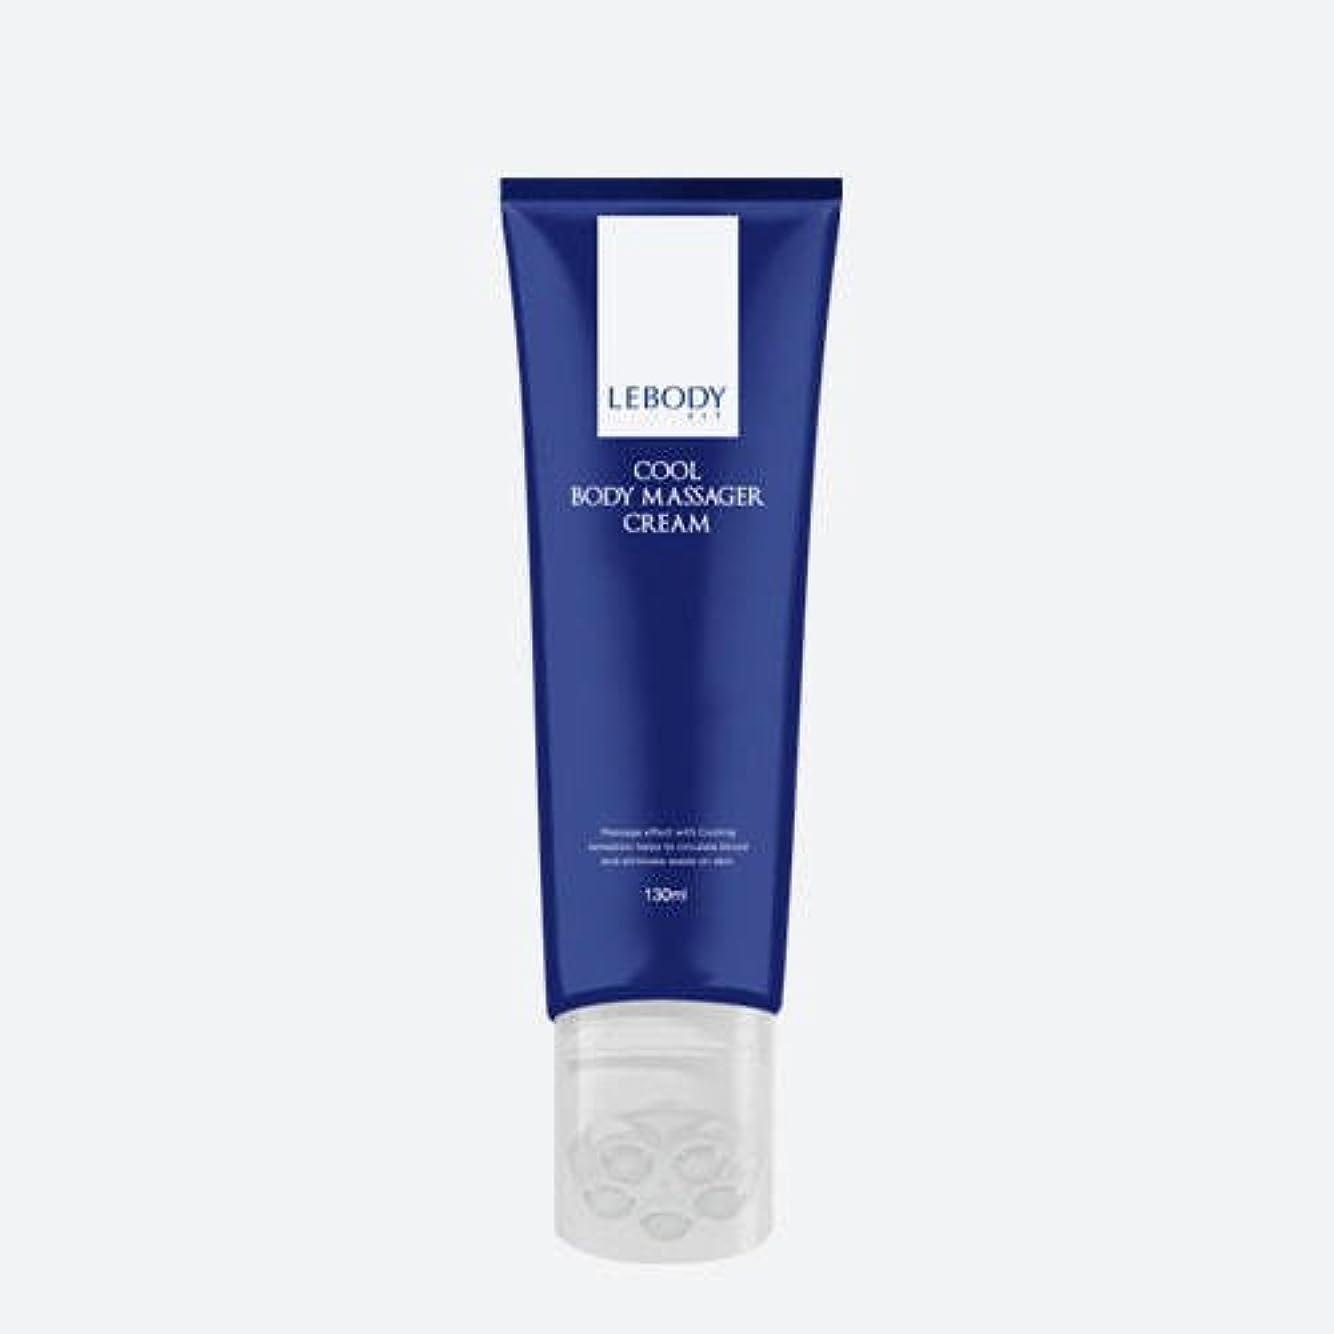 朝ごはん激怒眉をひそめる[並行輸入品] LEBODYレボディフィットクールボディマッサージクリーム130ml / LEBODY Fit Cool Body Massager Cream 130ml